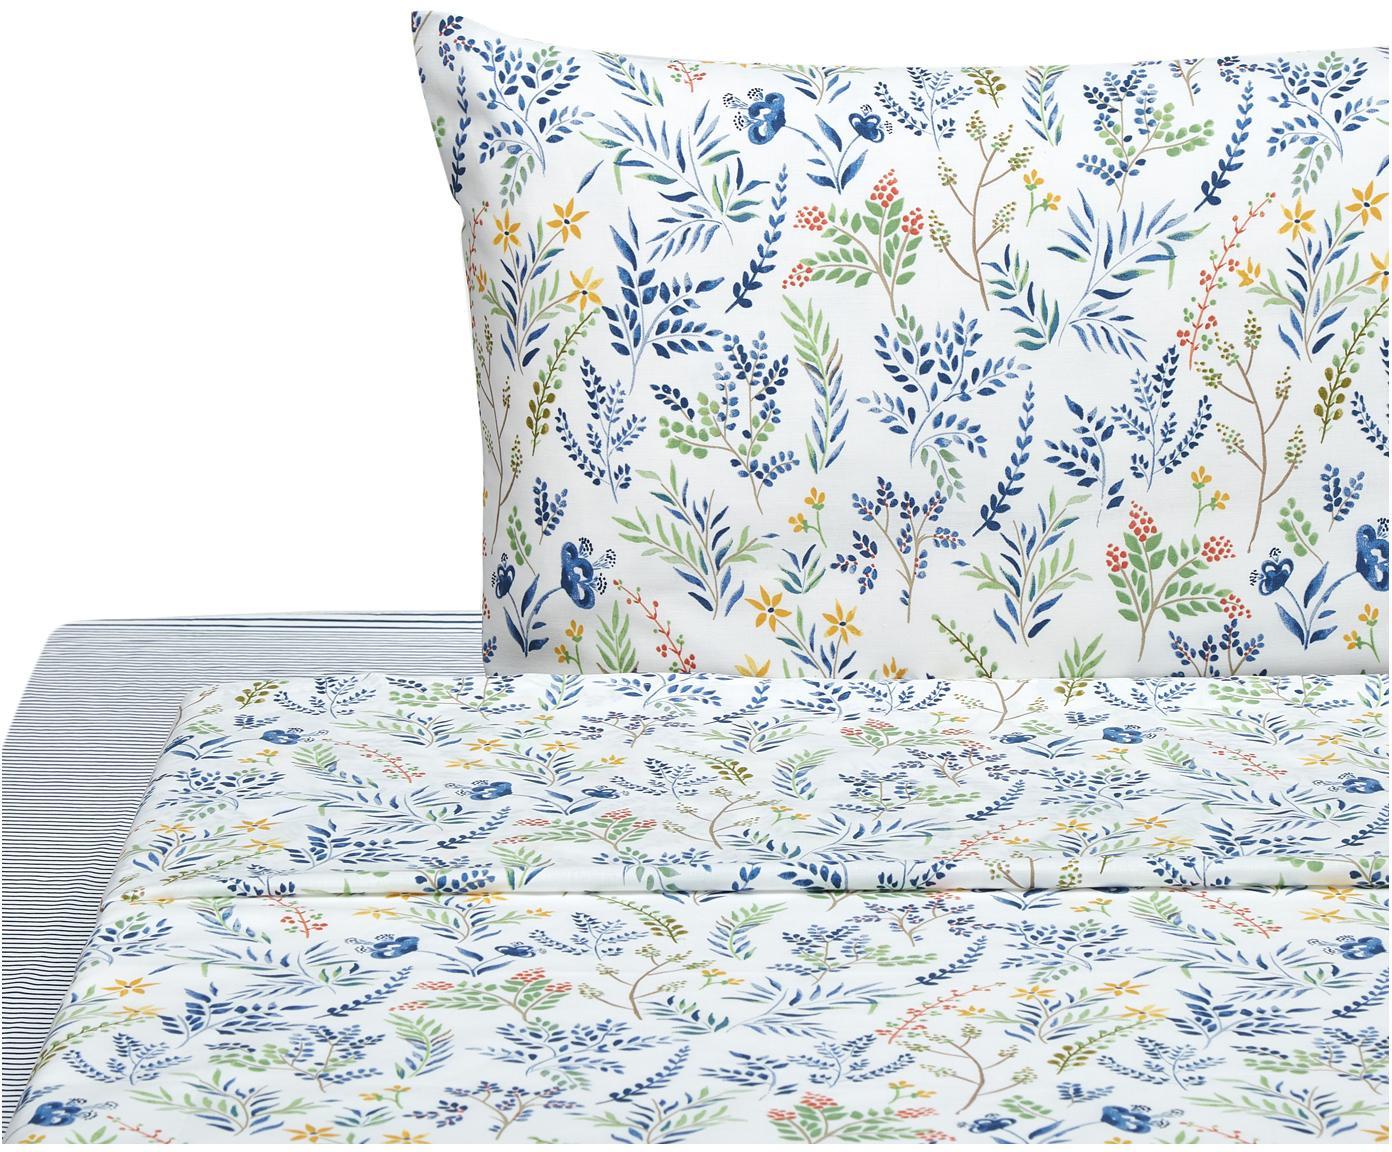 Completo letto Springfield, Cotone, Bianco, blu, multicolore, 150 x 280 cm